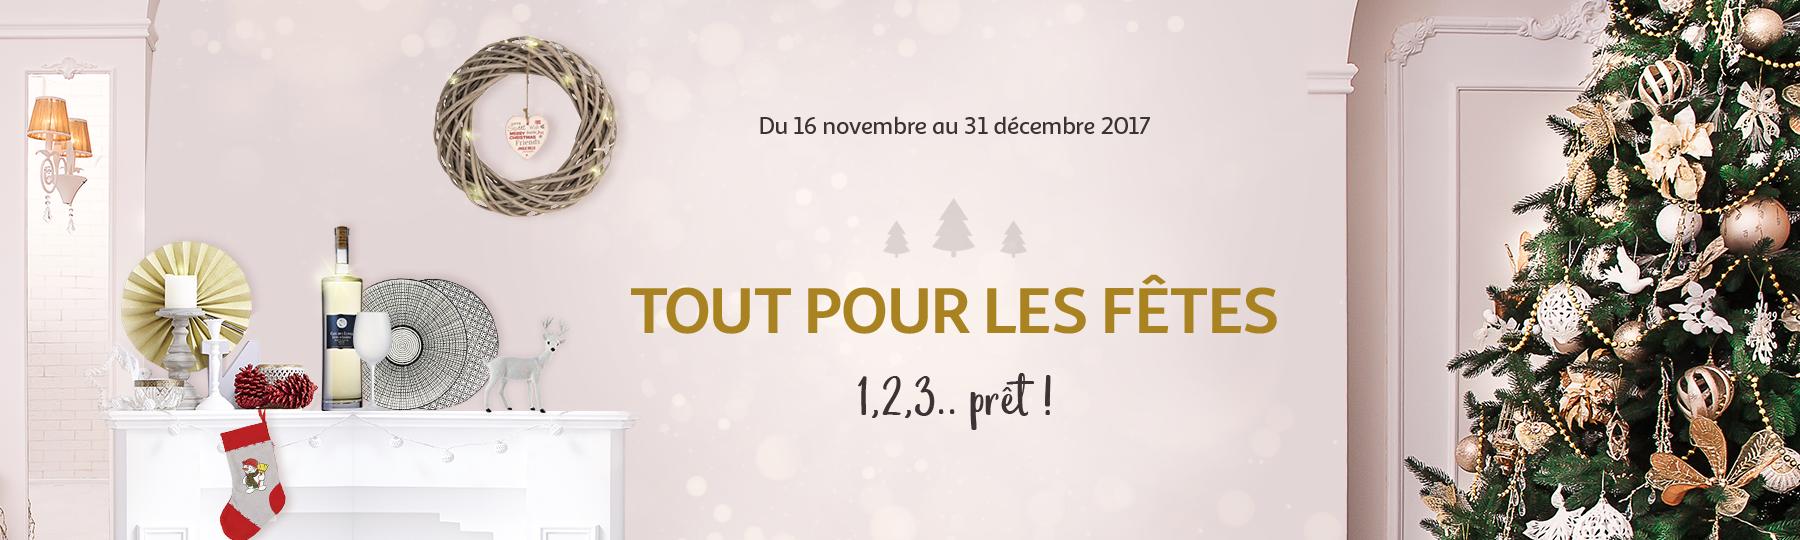 Du 16 novembre au 31 décembre 2017 : Tout pour les fêtes